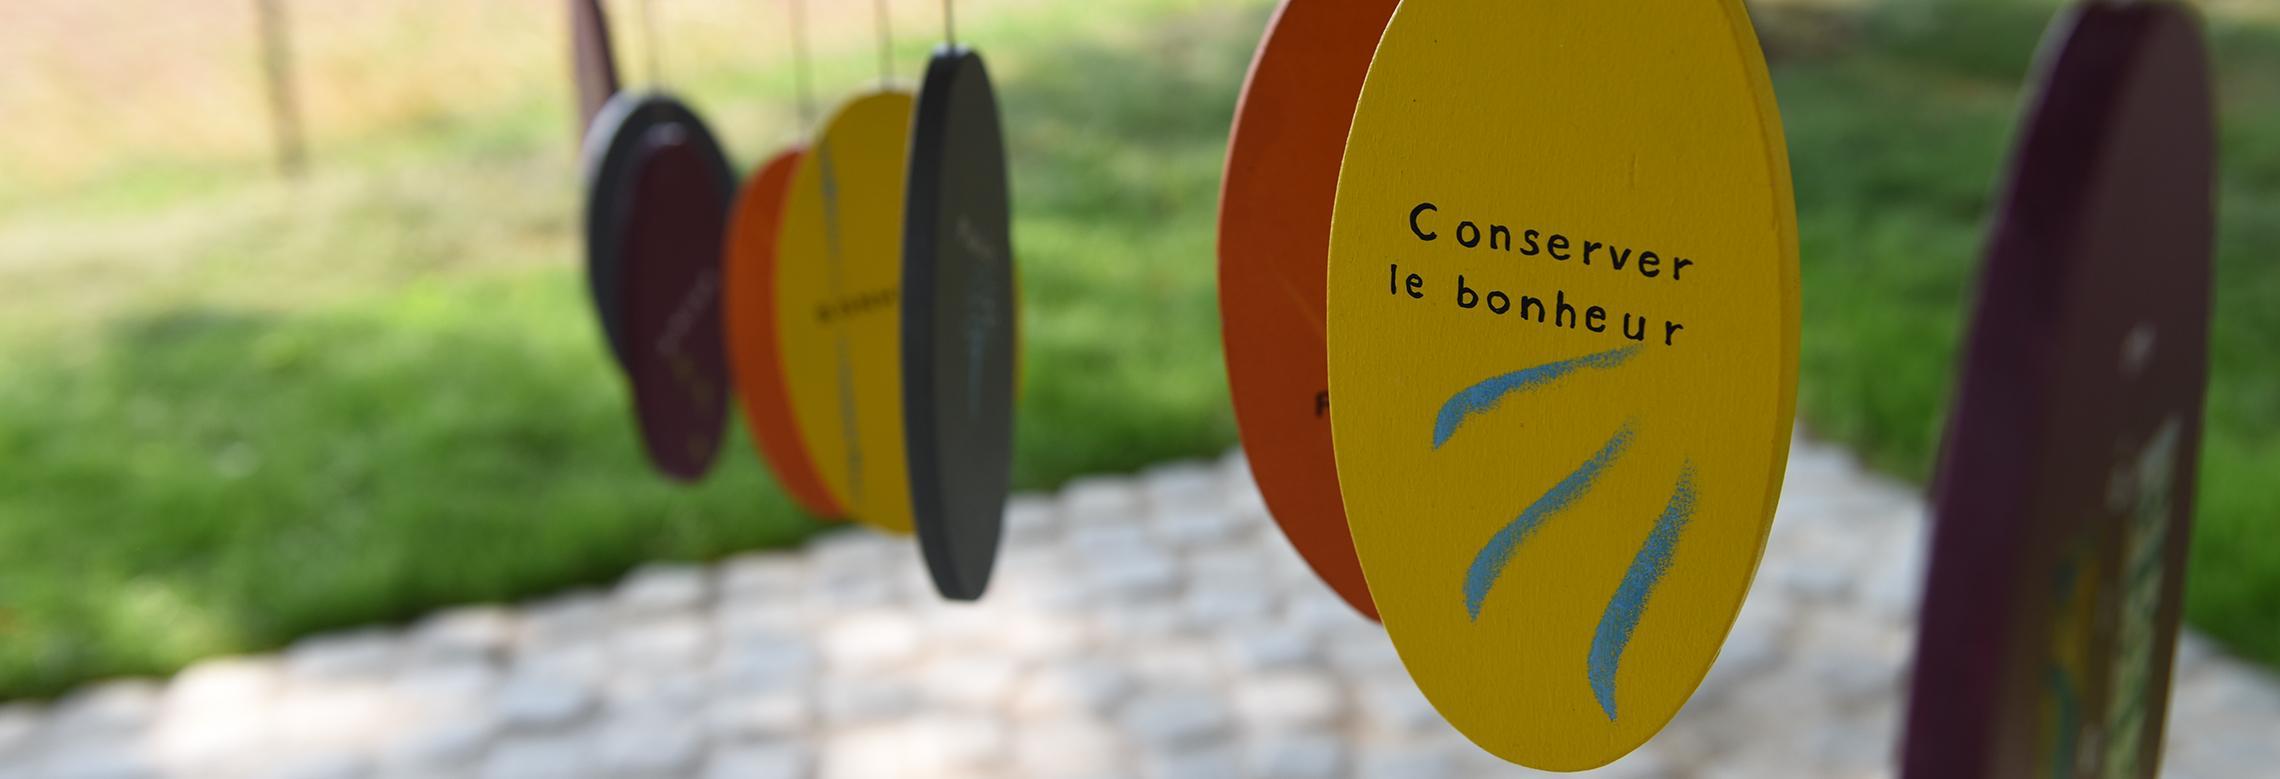 Photo du carillon du jardin des sens de l'EMS Clair-Soleil